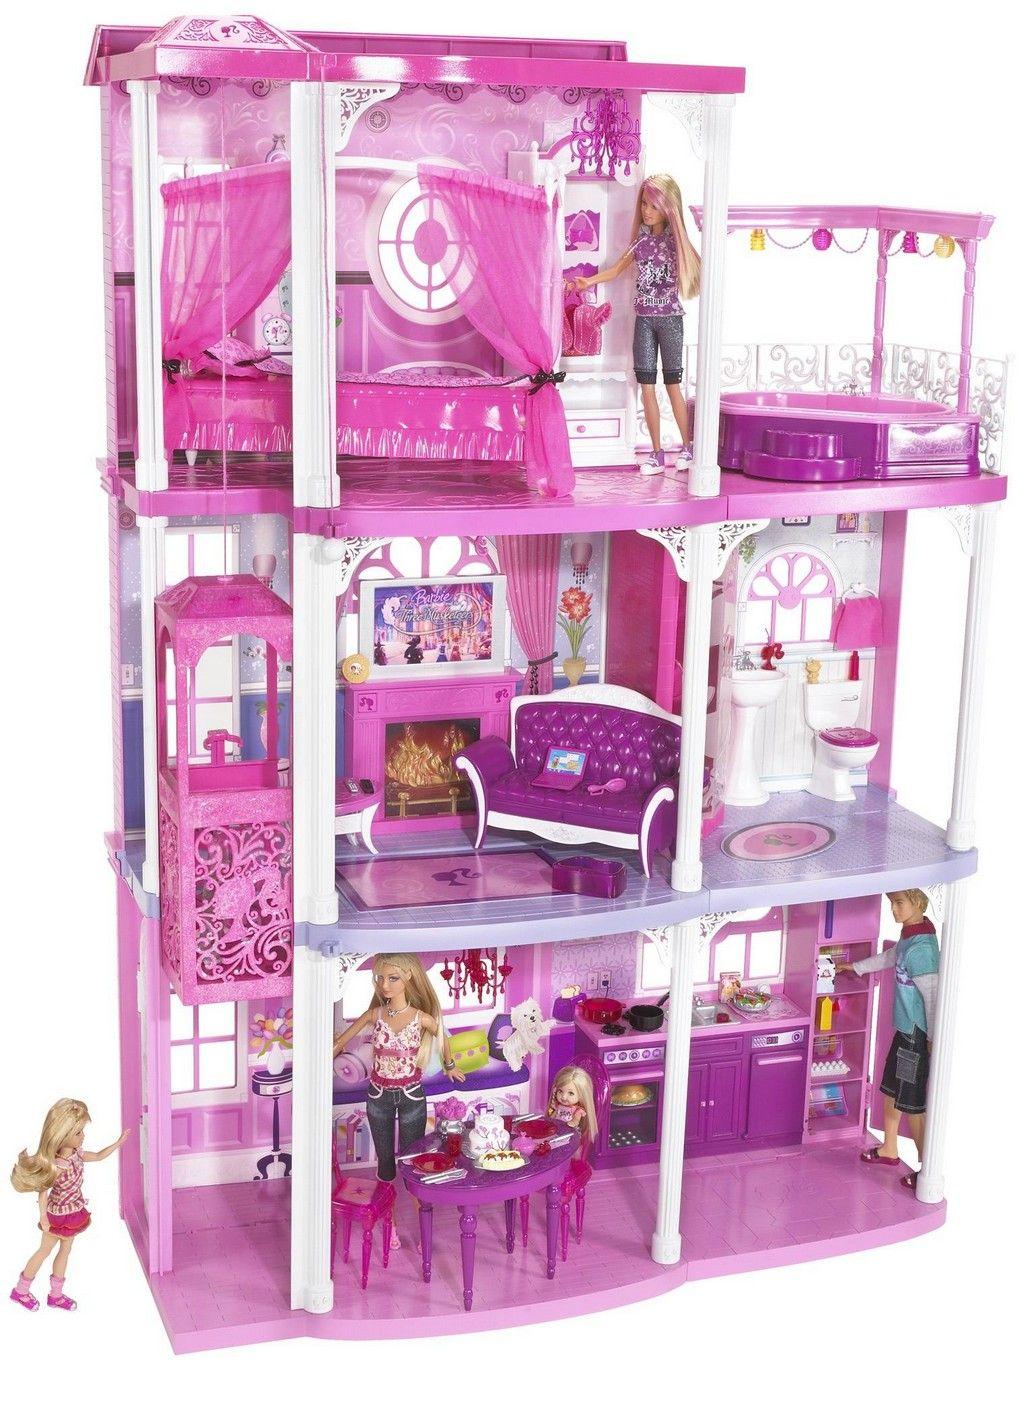 barbie houses barbie house, wizard of oz barbie dolls